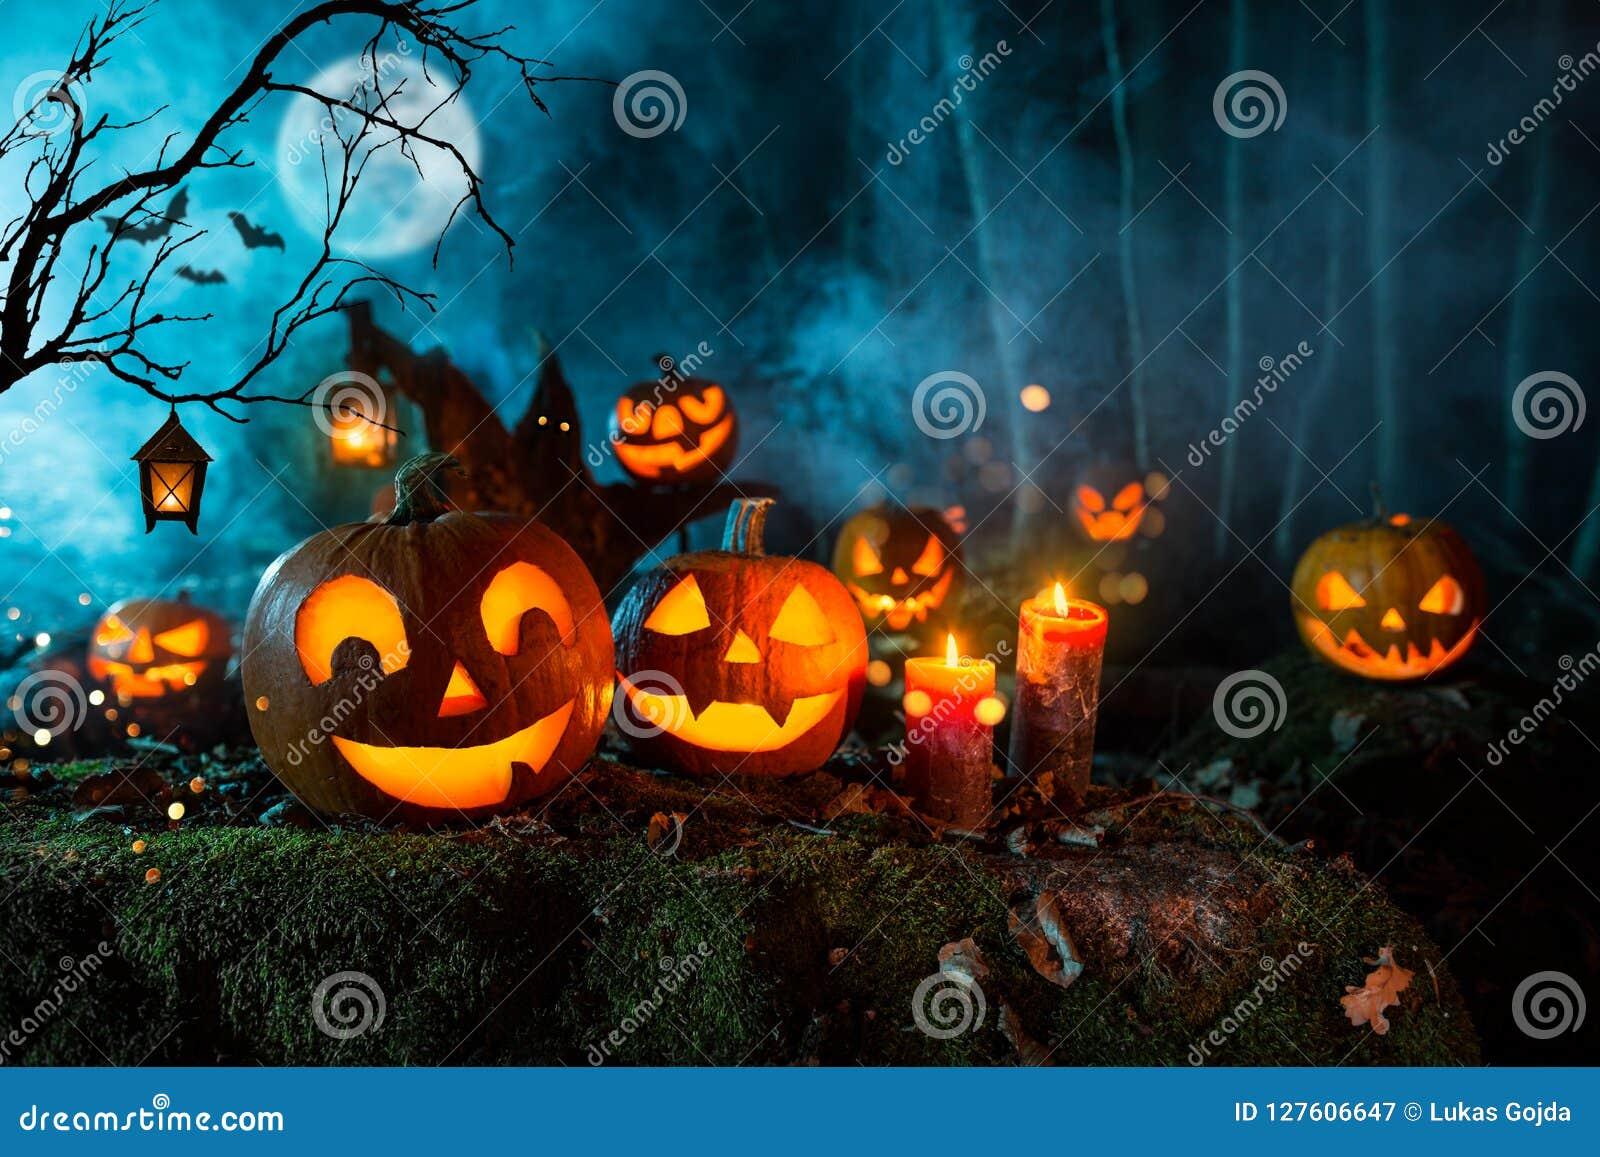 Calabazas de Halloween en bosque fantasmagórico oscuro